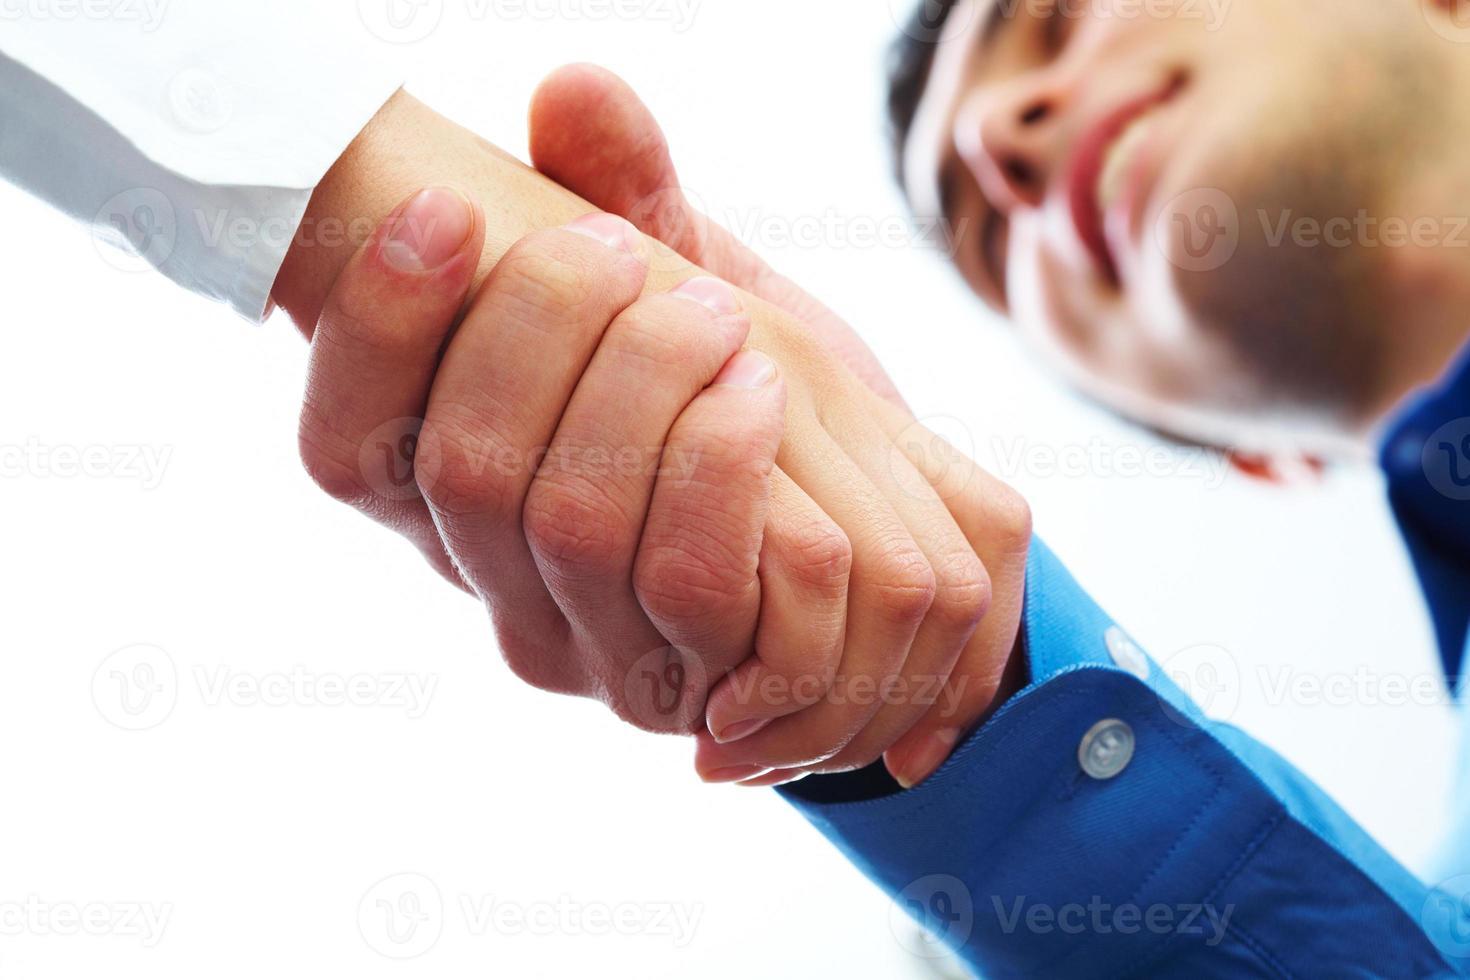 efter undertecknande av kontrakt foto